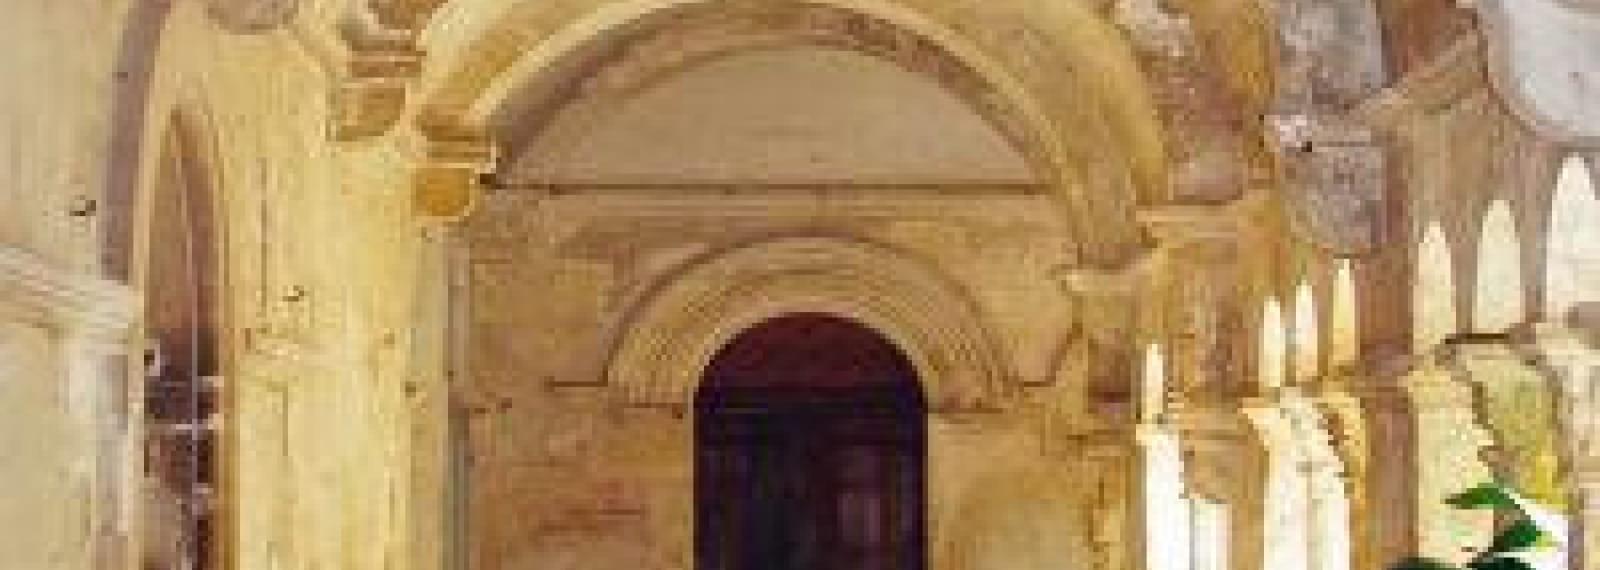 Cloître Saint Paul de Mausole, Centre culturel et touristique Van Gogh